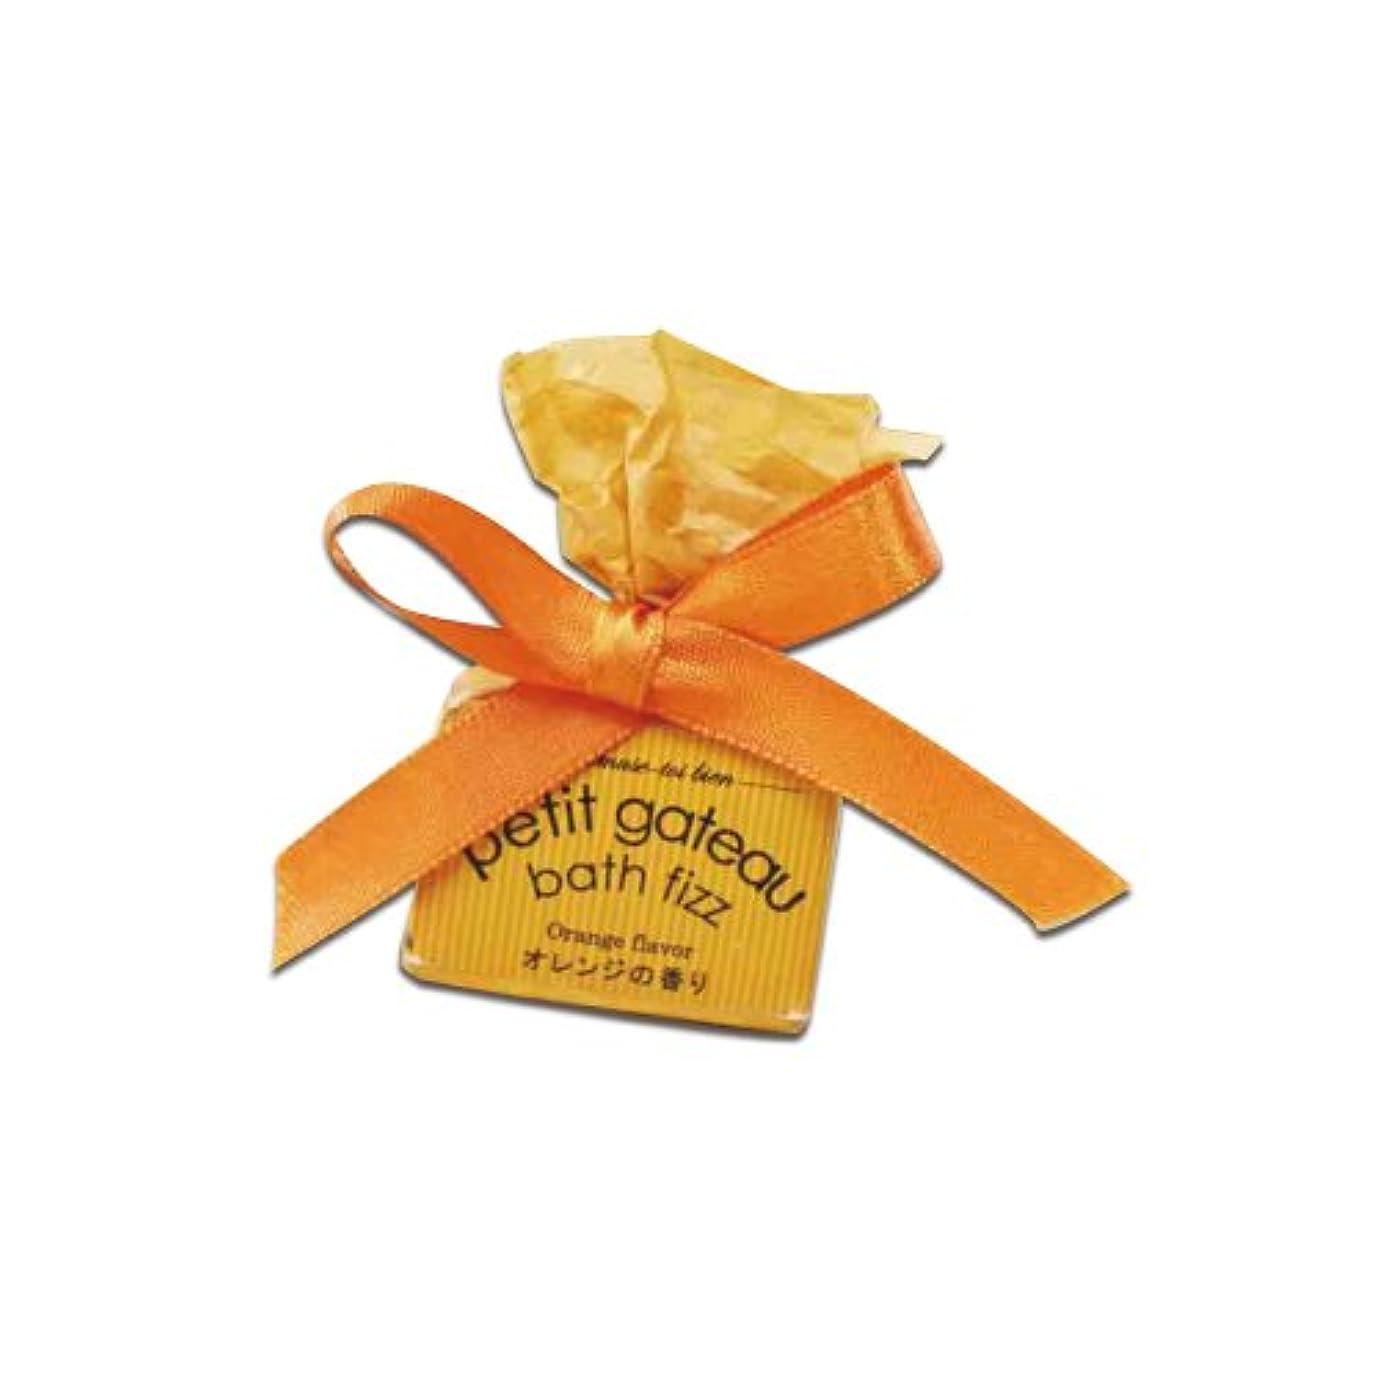 マリナー反射持つプチガトーバスフィザー オレンジの香り 12個セット